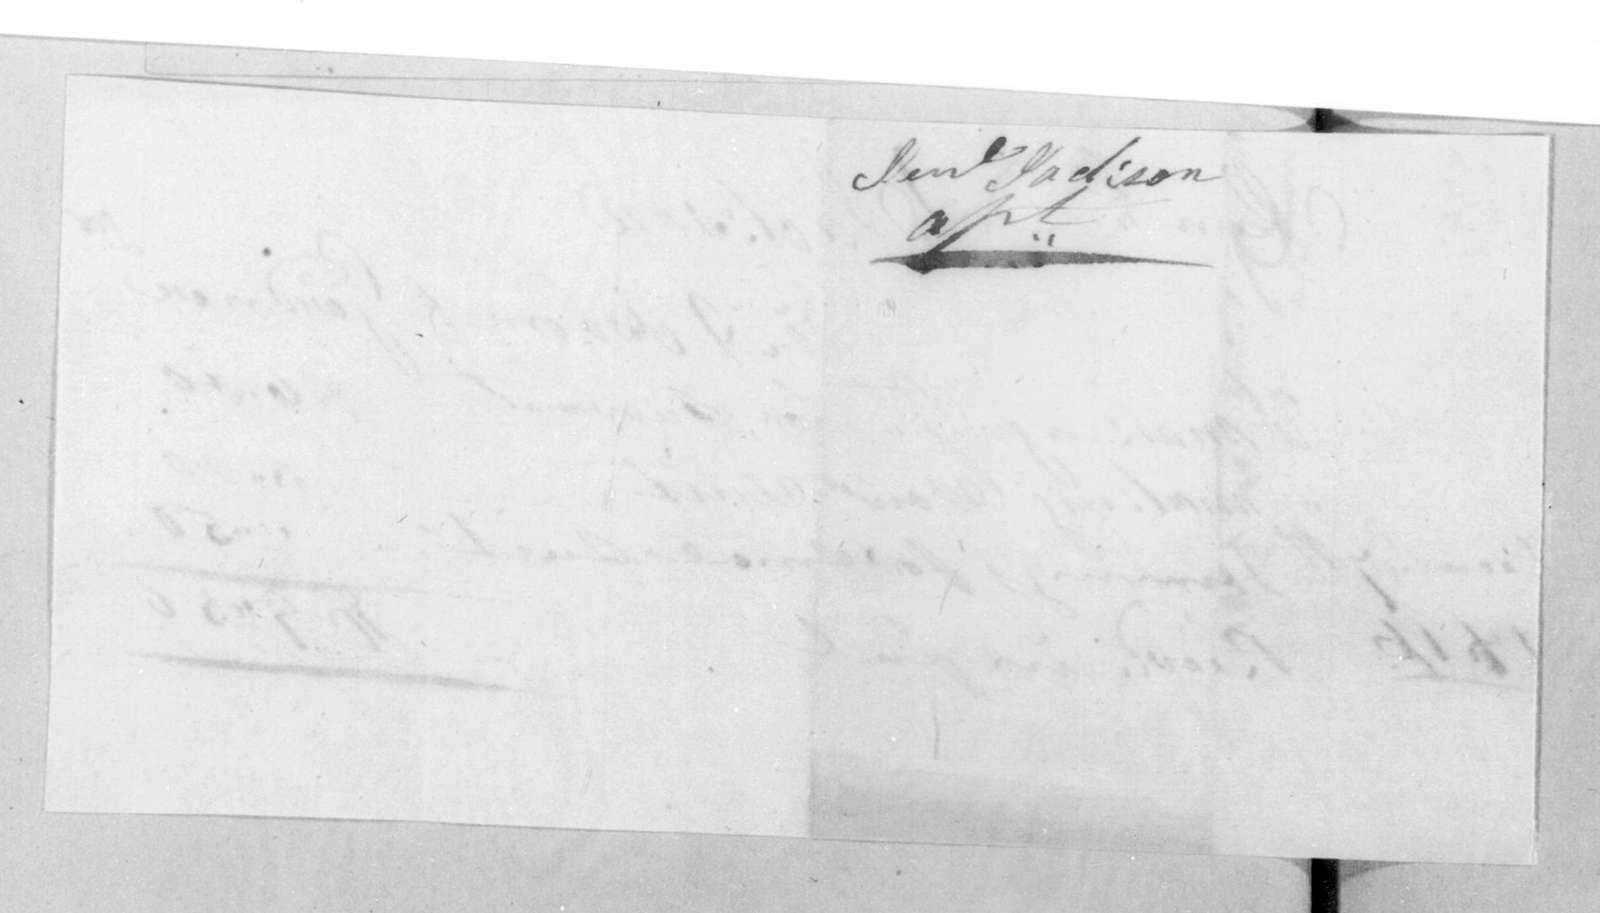 Alfred Osborn & John Gardner to Andrew Jackson, December 7, 1816